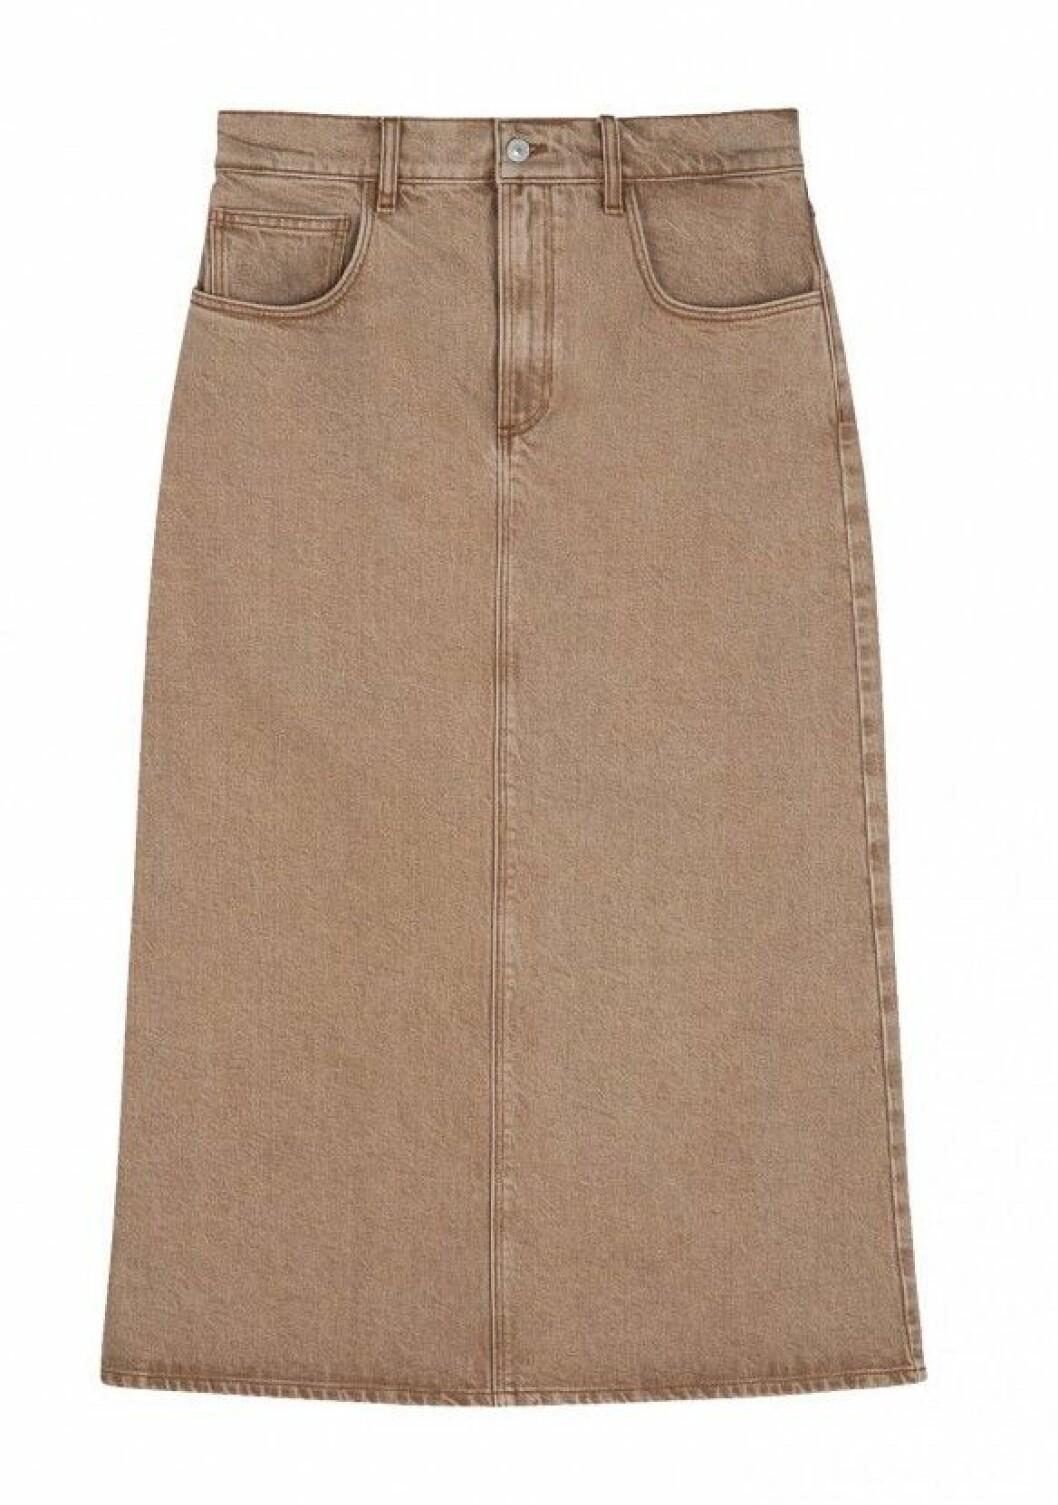 Beige jeanskjol från House of Dagmar.